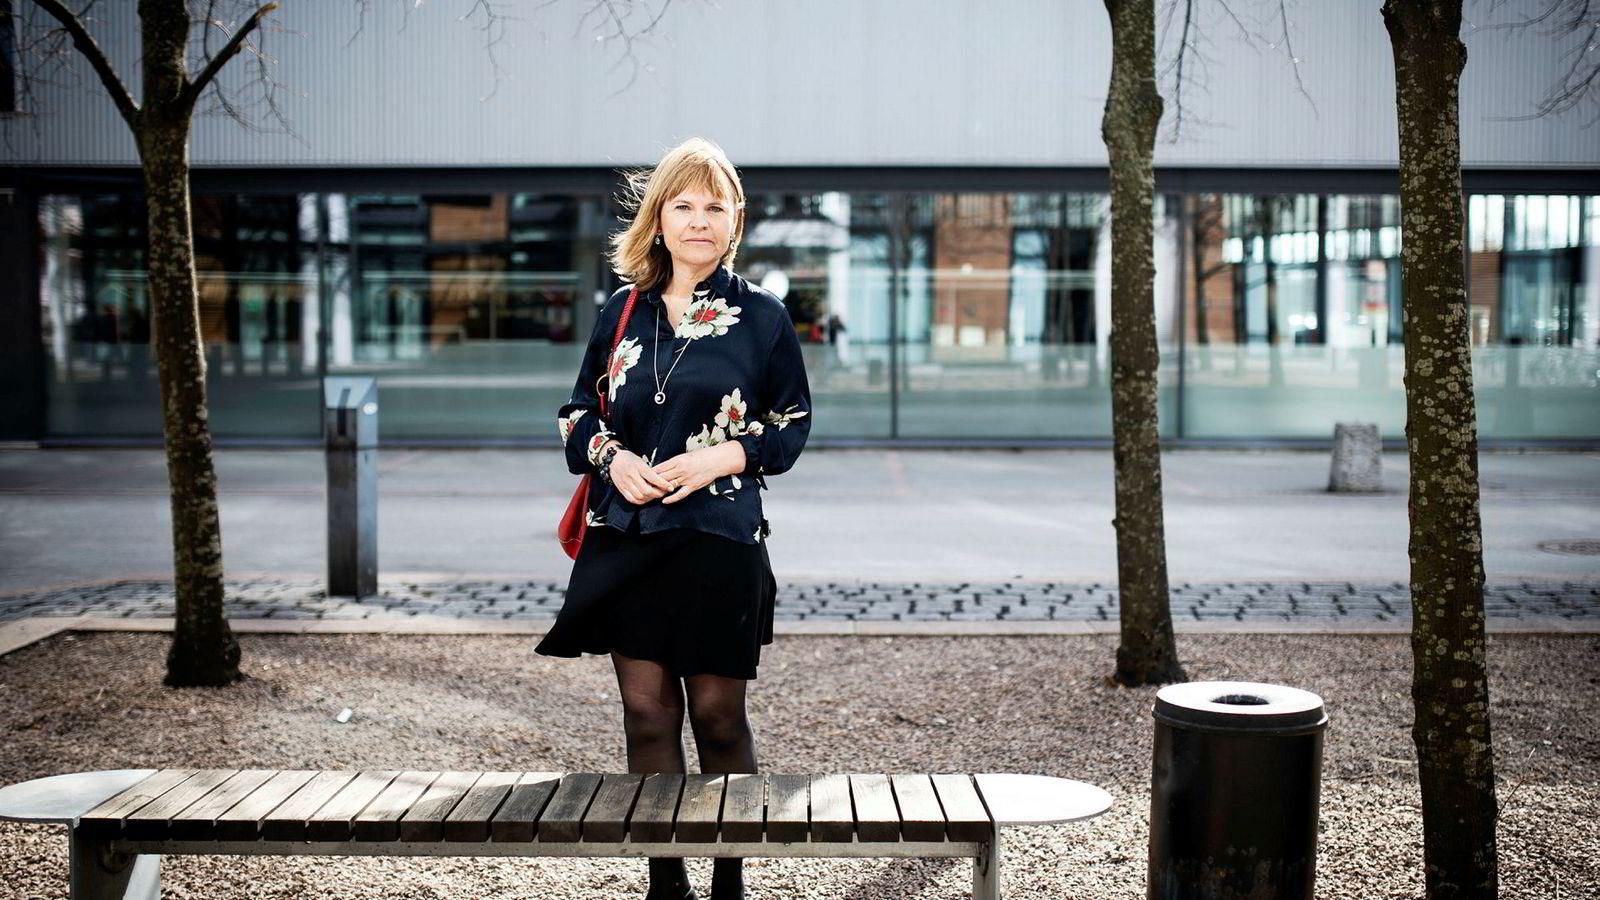 Markedsdirektør i Tine Kathrine Mo sier selskapet bruker mindre penger på tv-reklame enn tidligere.